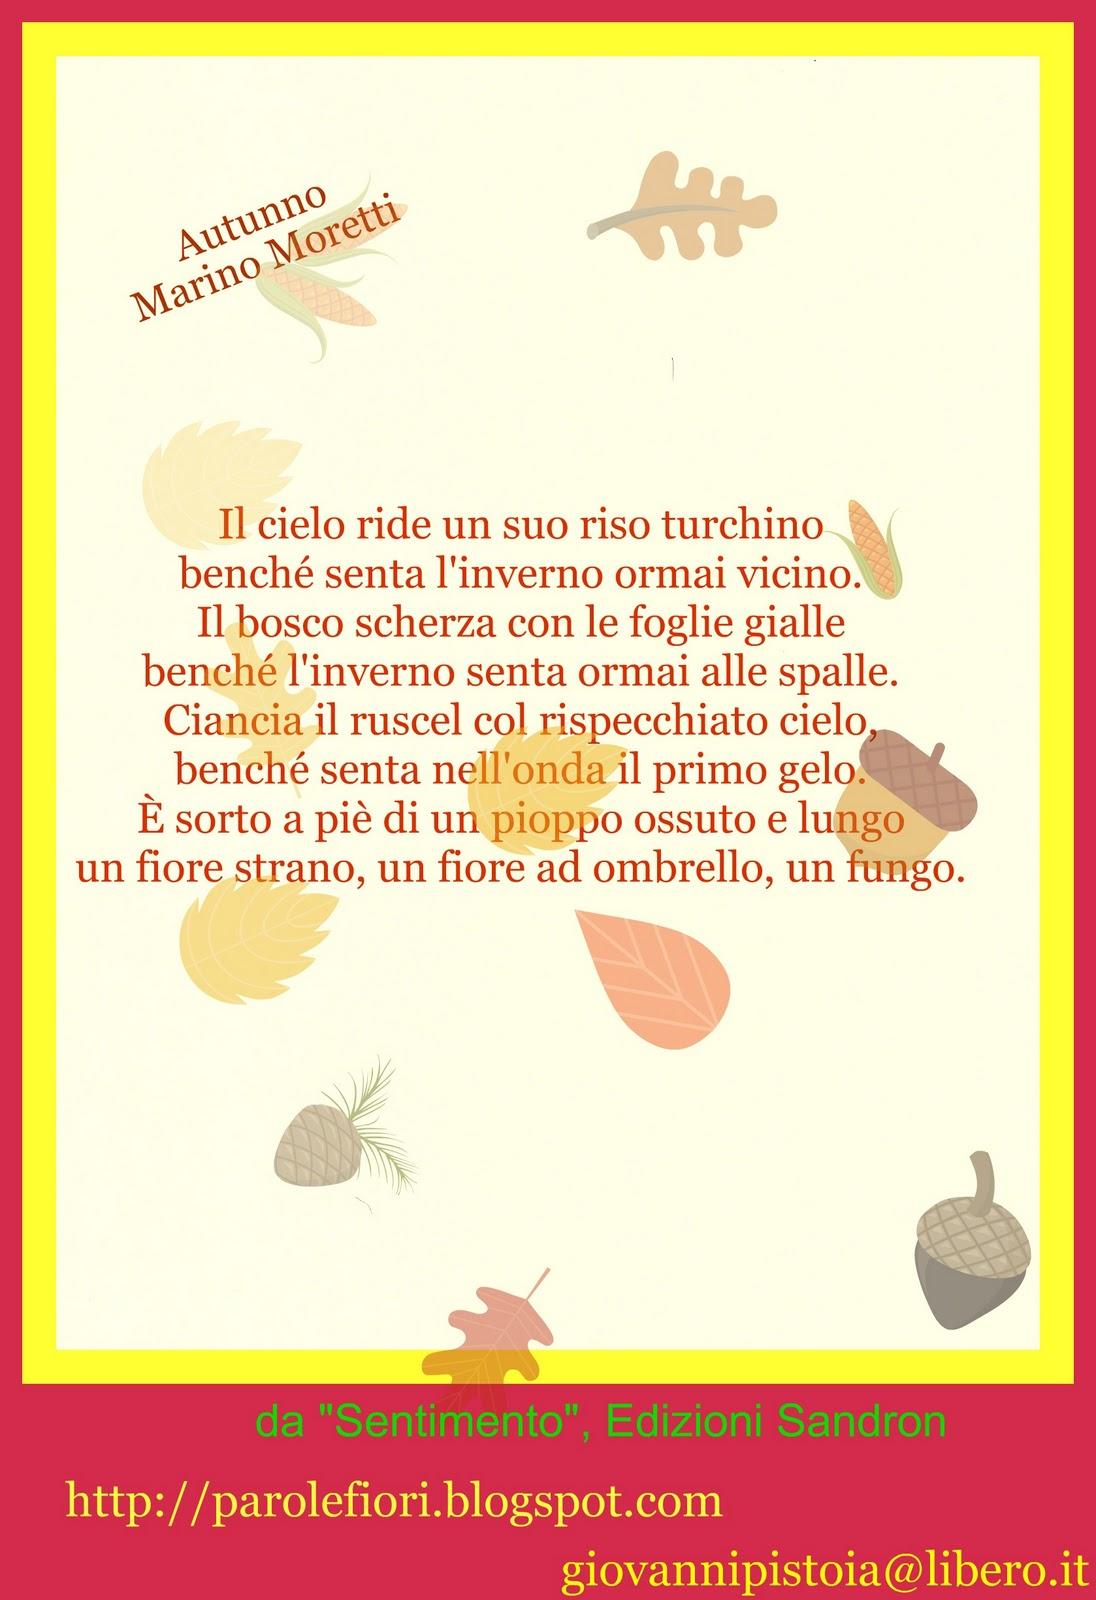 Top Giovanni Pistoia: AUTUNNO di Marino MORETTI XU33